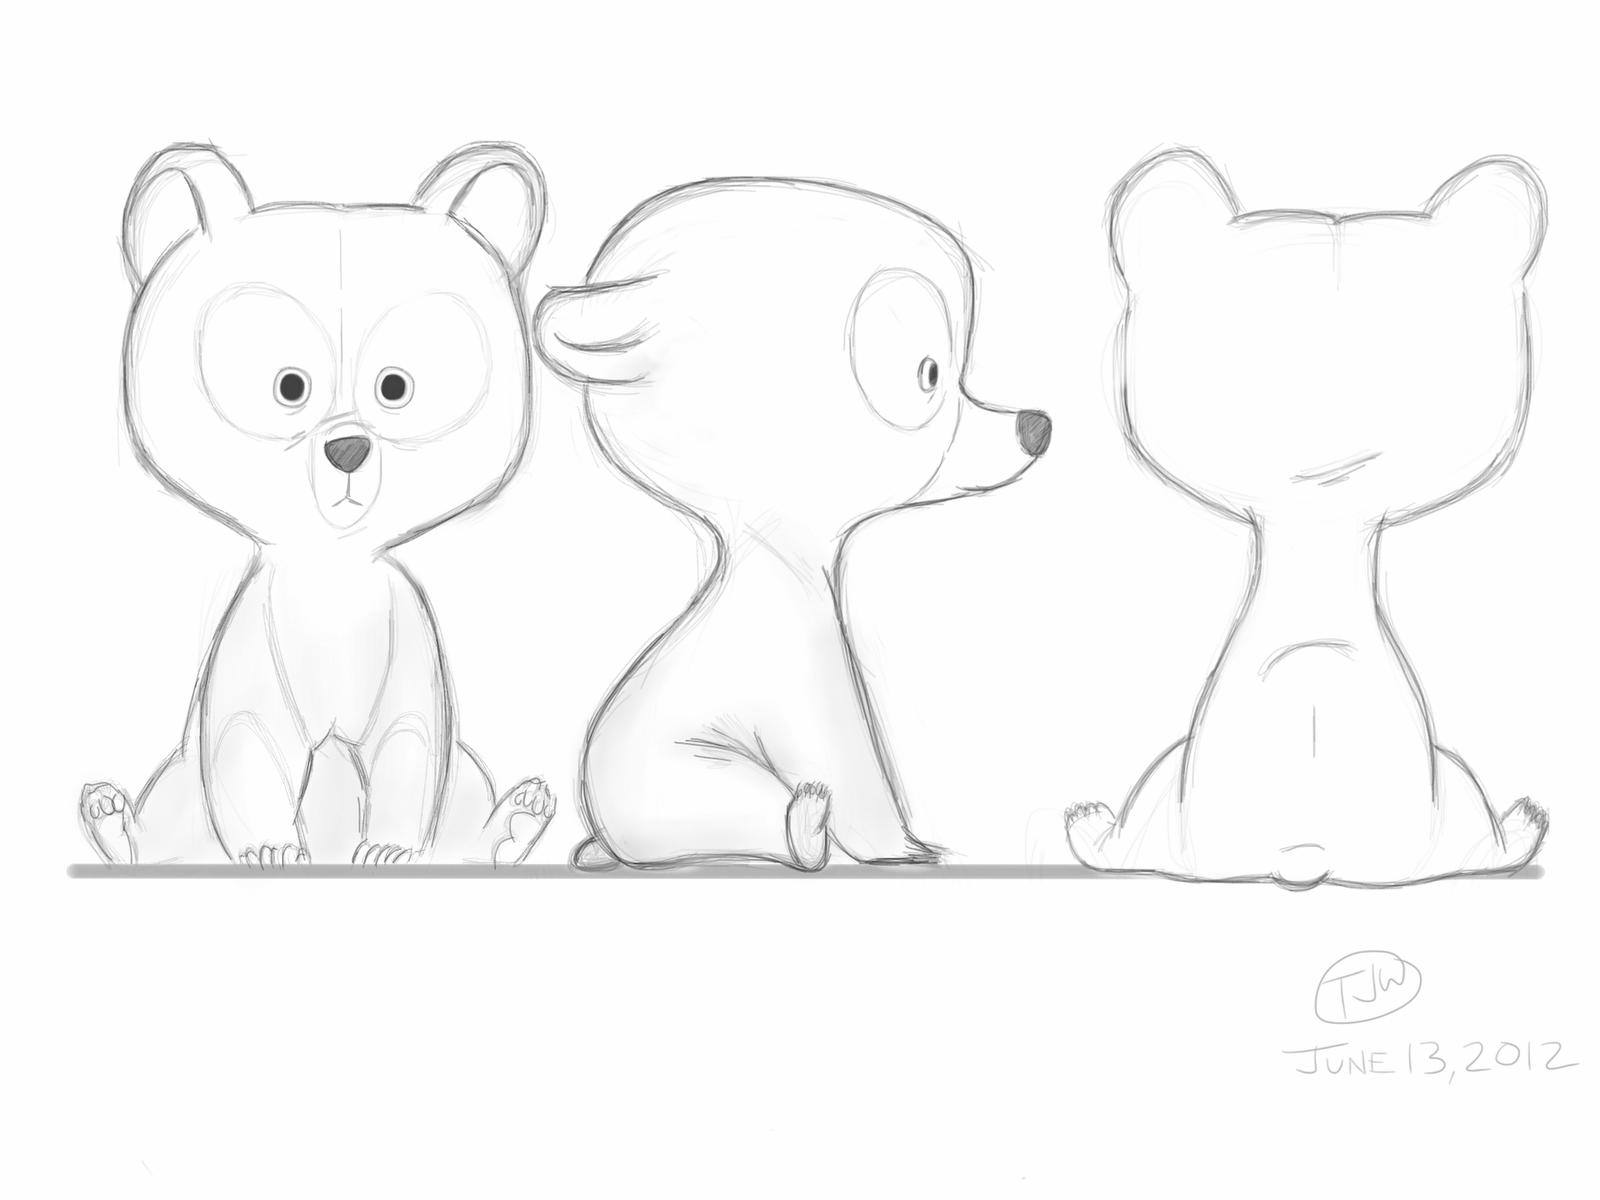 Bad Polar Bears